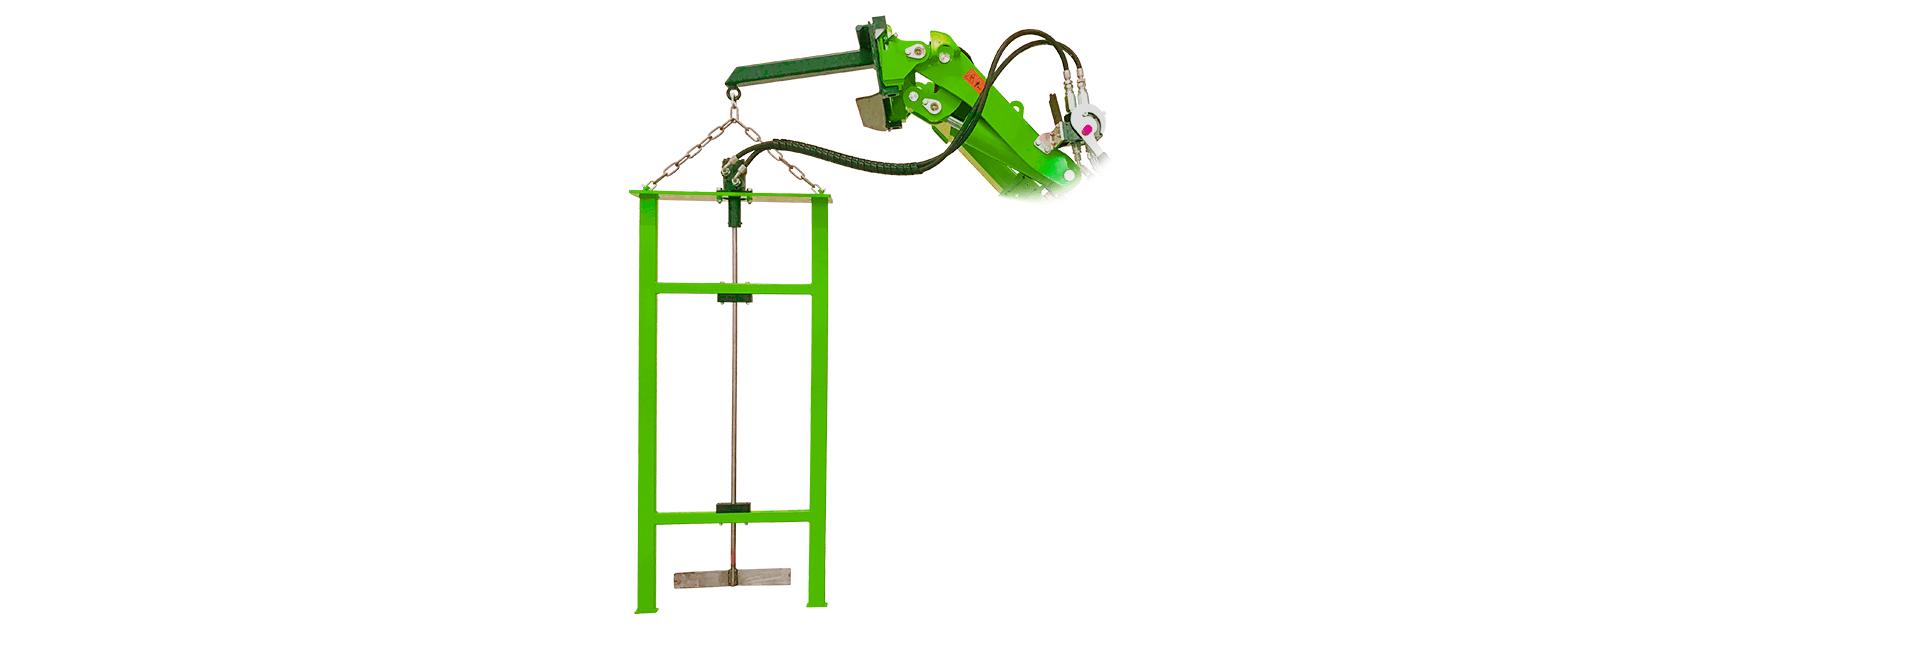 Arbejdsbillede af gylleomrører monteret på en avant minilæsser i showroomet